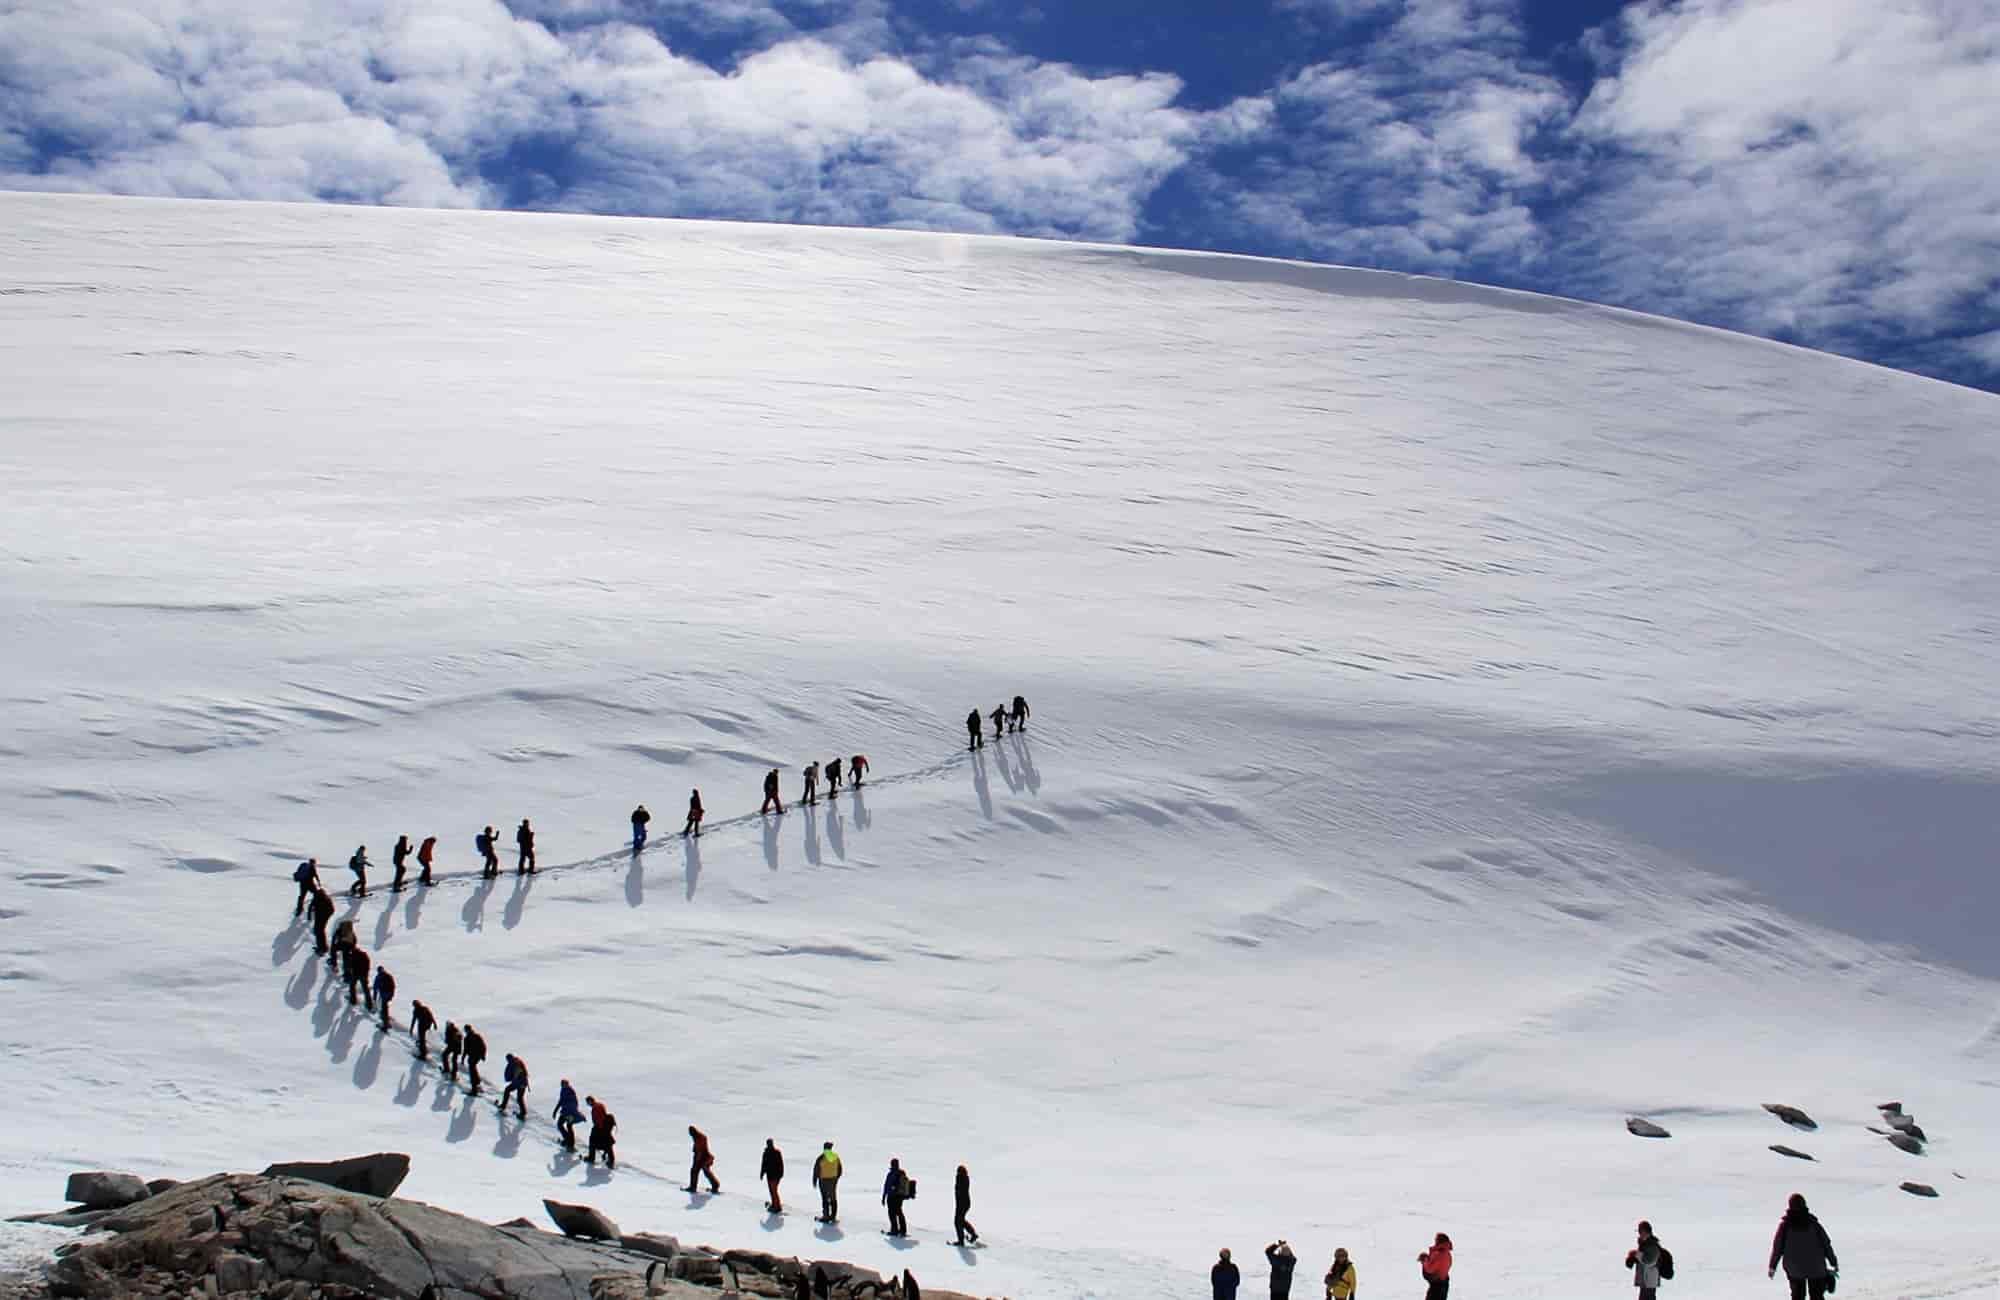 Voyage en Antarctique - Désert de glace - Amplitudes